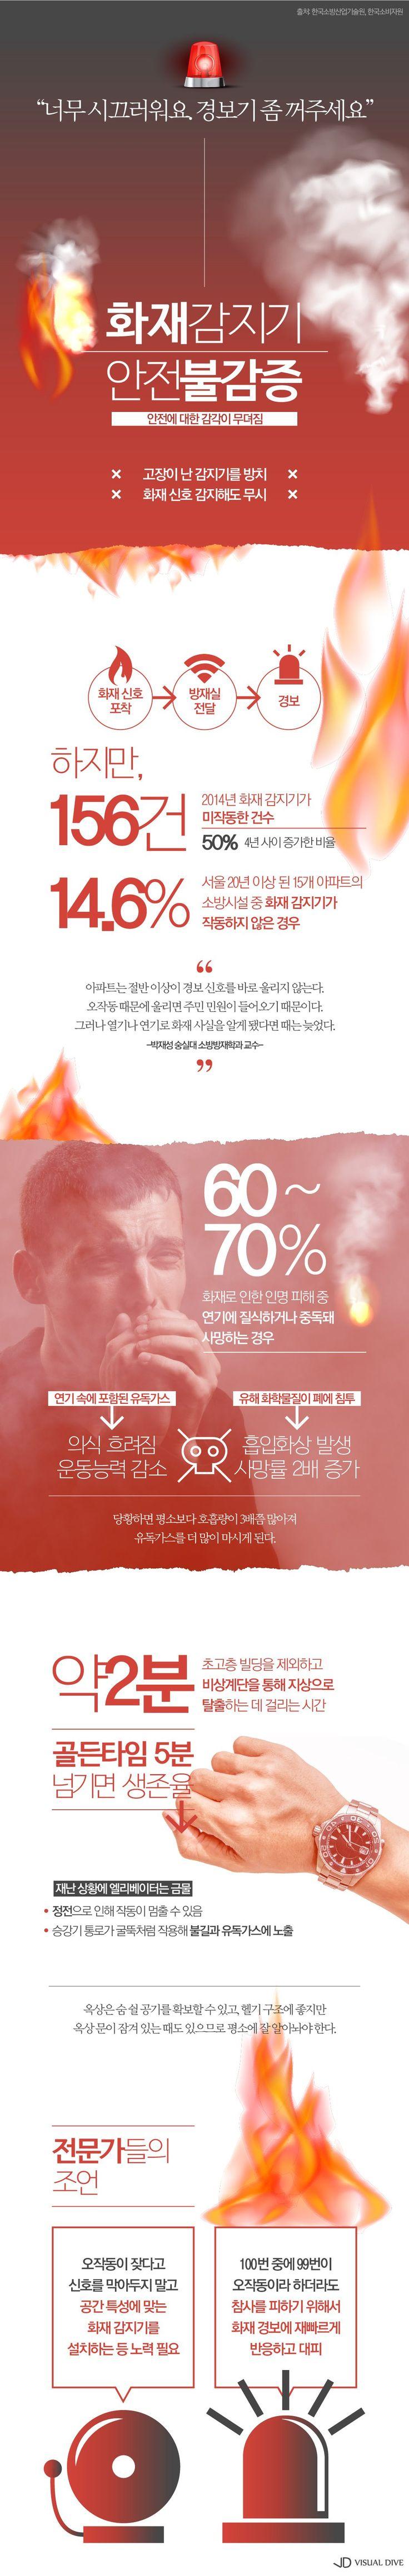 """""""시끄러우니 경보기 좀 꺼주세요""""…화재감지기 안전불감증 [인포그래픽] #fire / #Infographic ⓒ 비주얼다이브 무단 복사·전재·재배포 금지"""